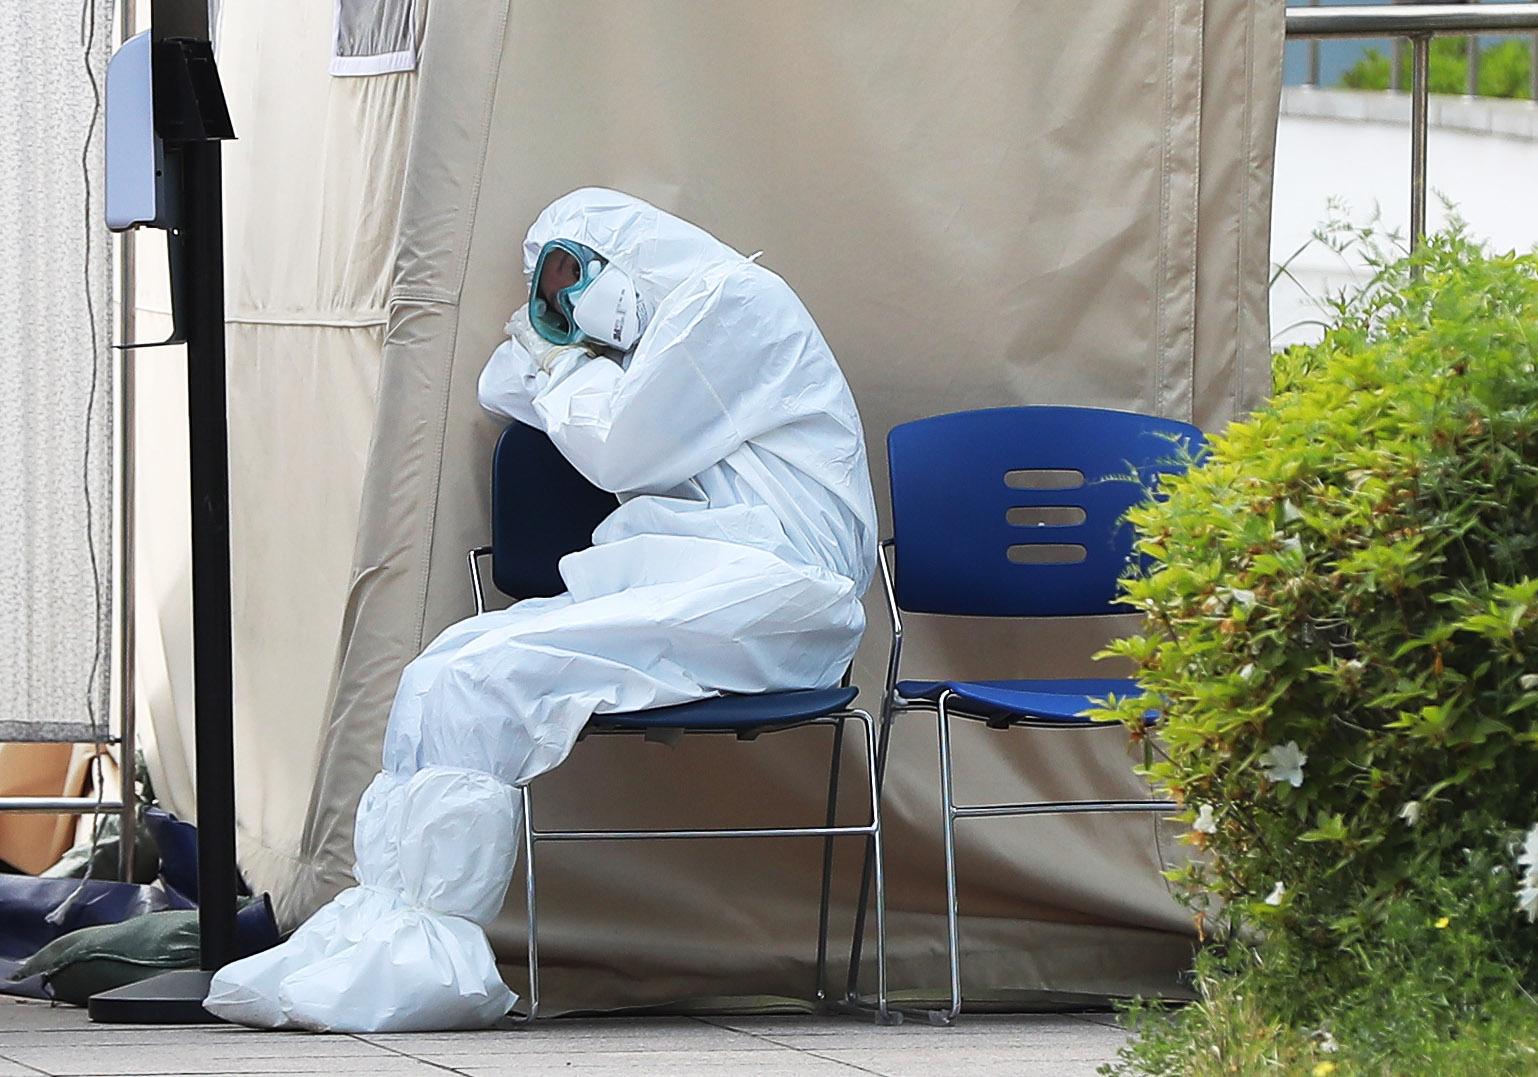 서울 중랑구 서울의료원 호흡기안심진료소에서 의료진이 의자에 앉아 잠시 휴식을 취하고 있다. 연합뉴스